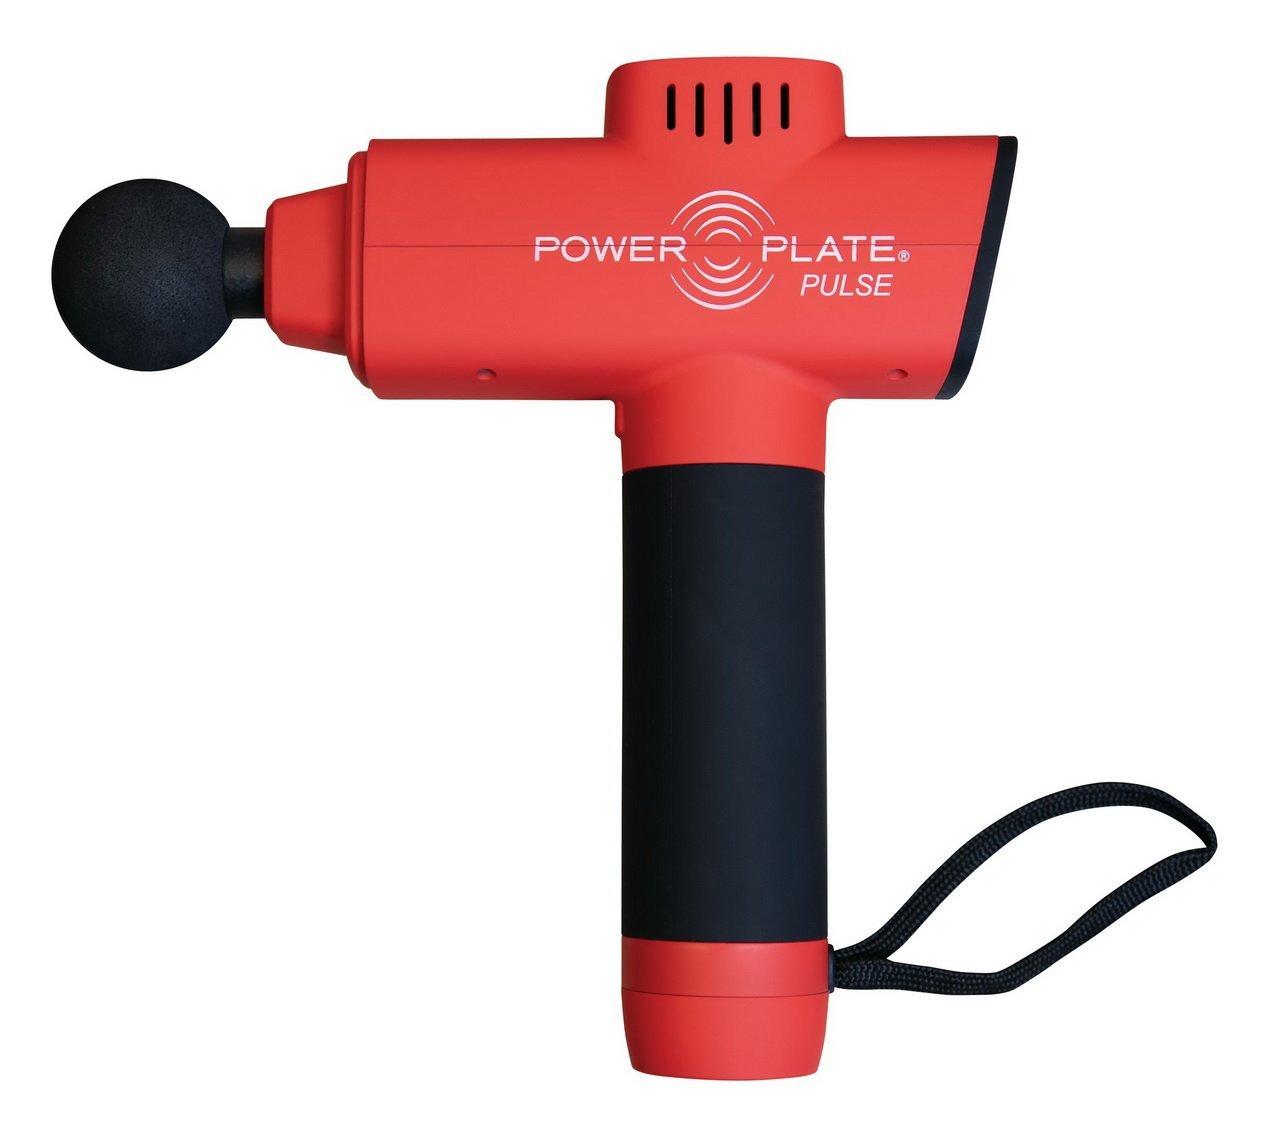 Masážna pištoľ Pulse Red - Power Plate